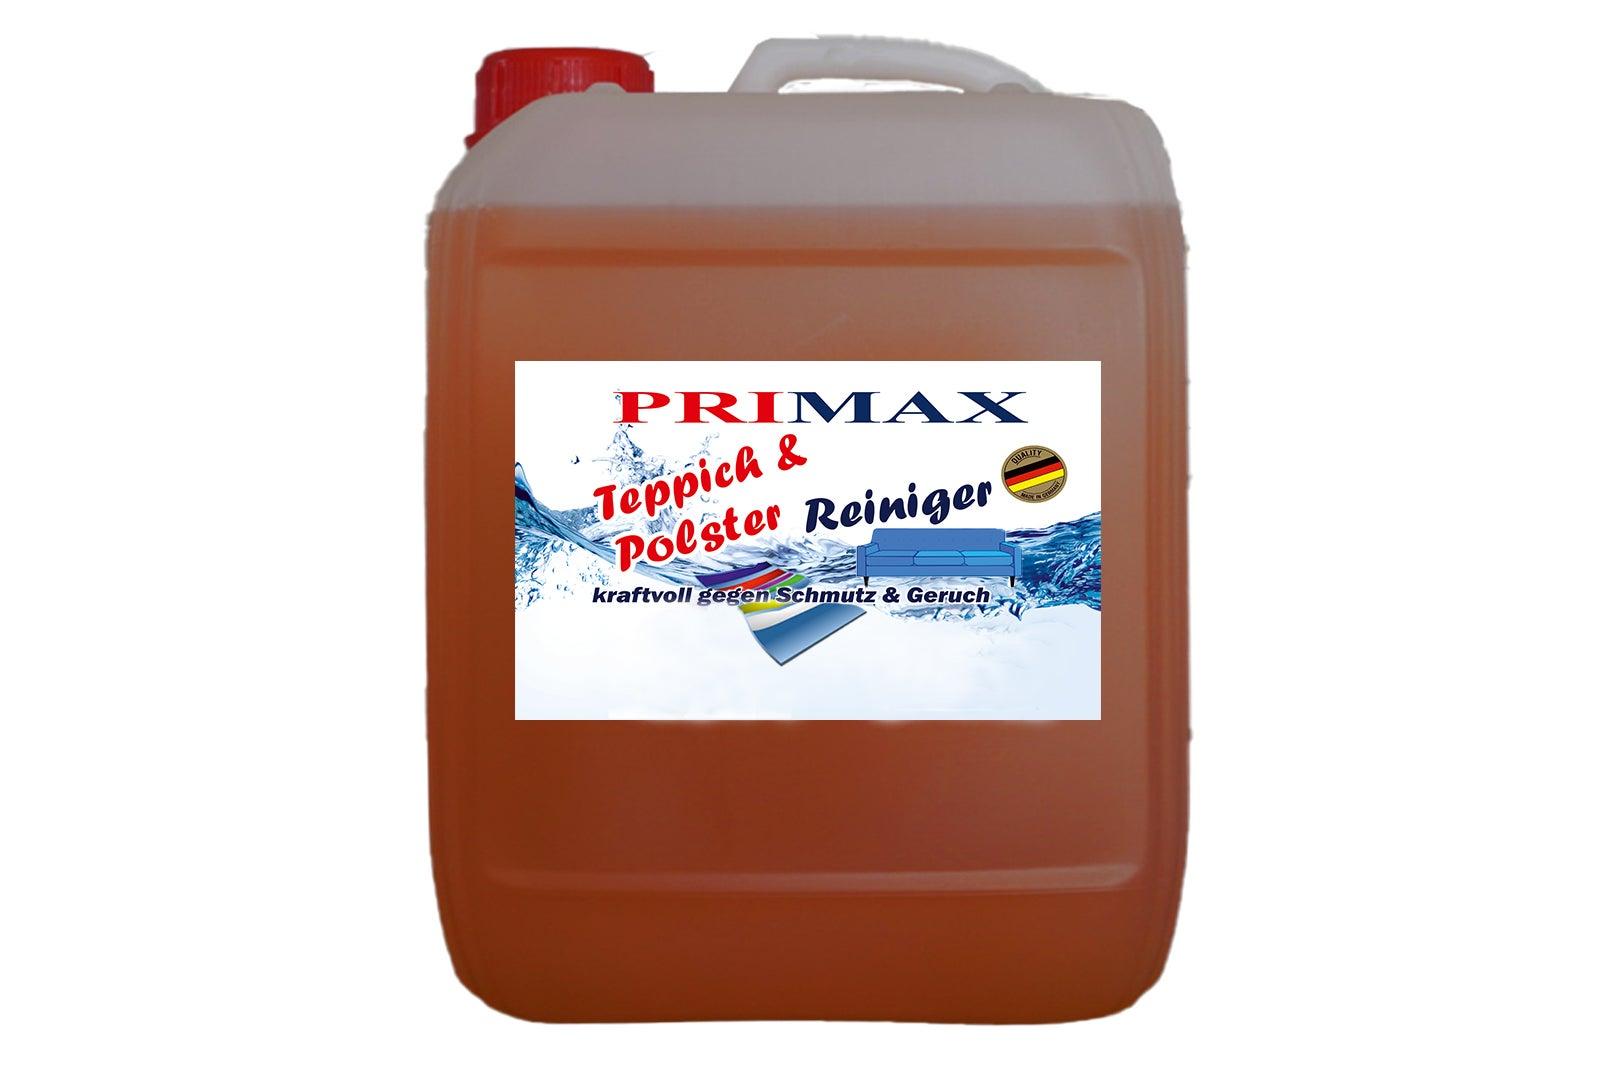 Primax Teppichreiniger Konzentrat